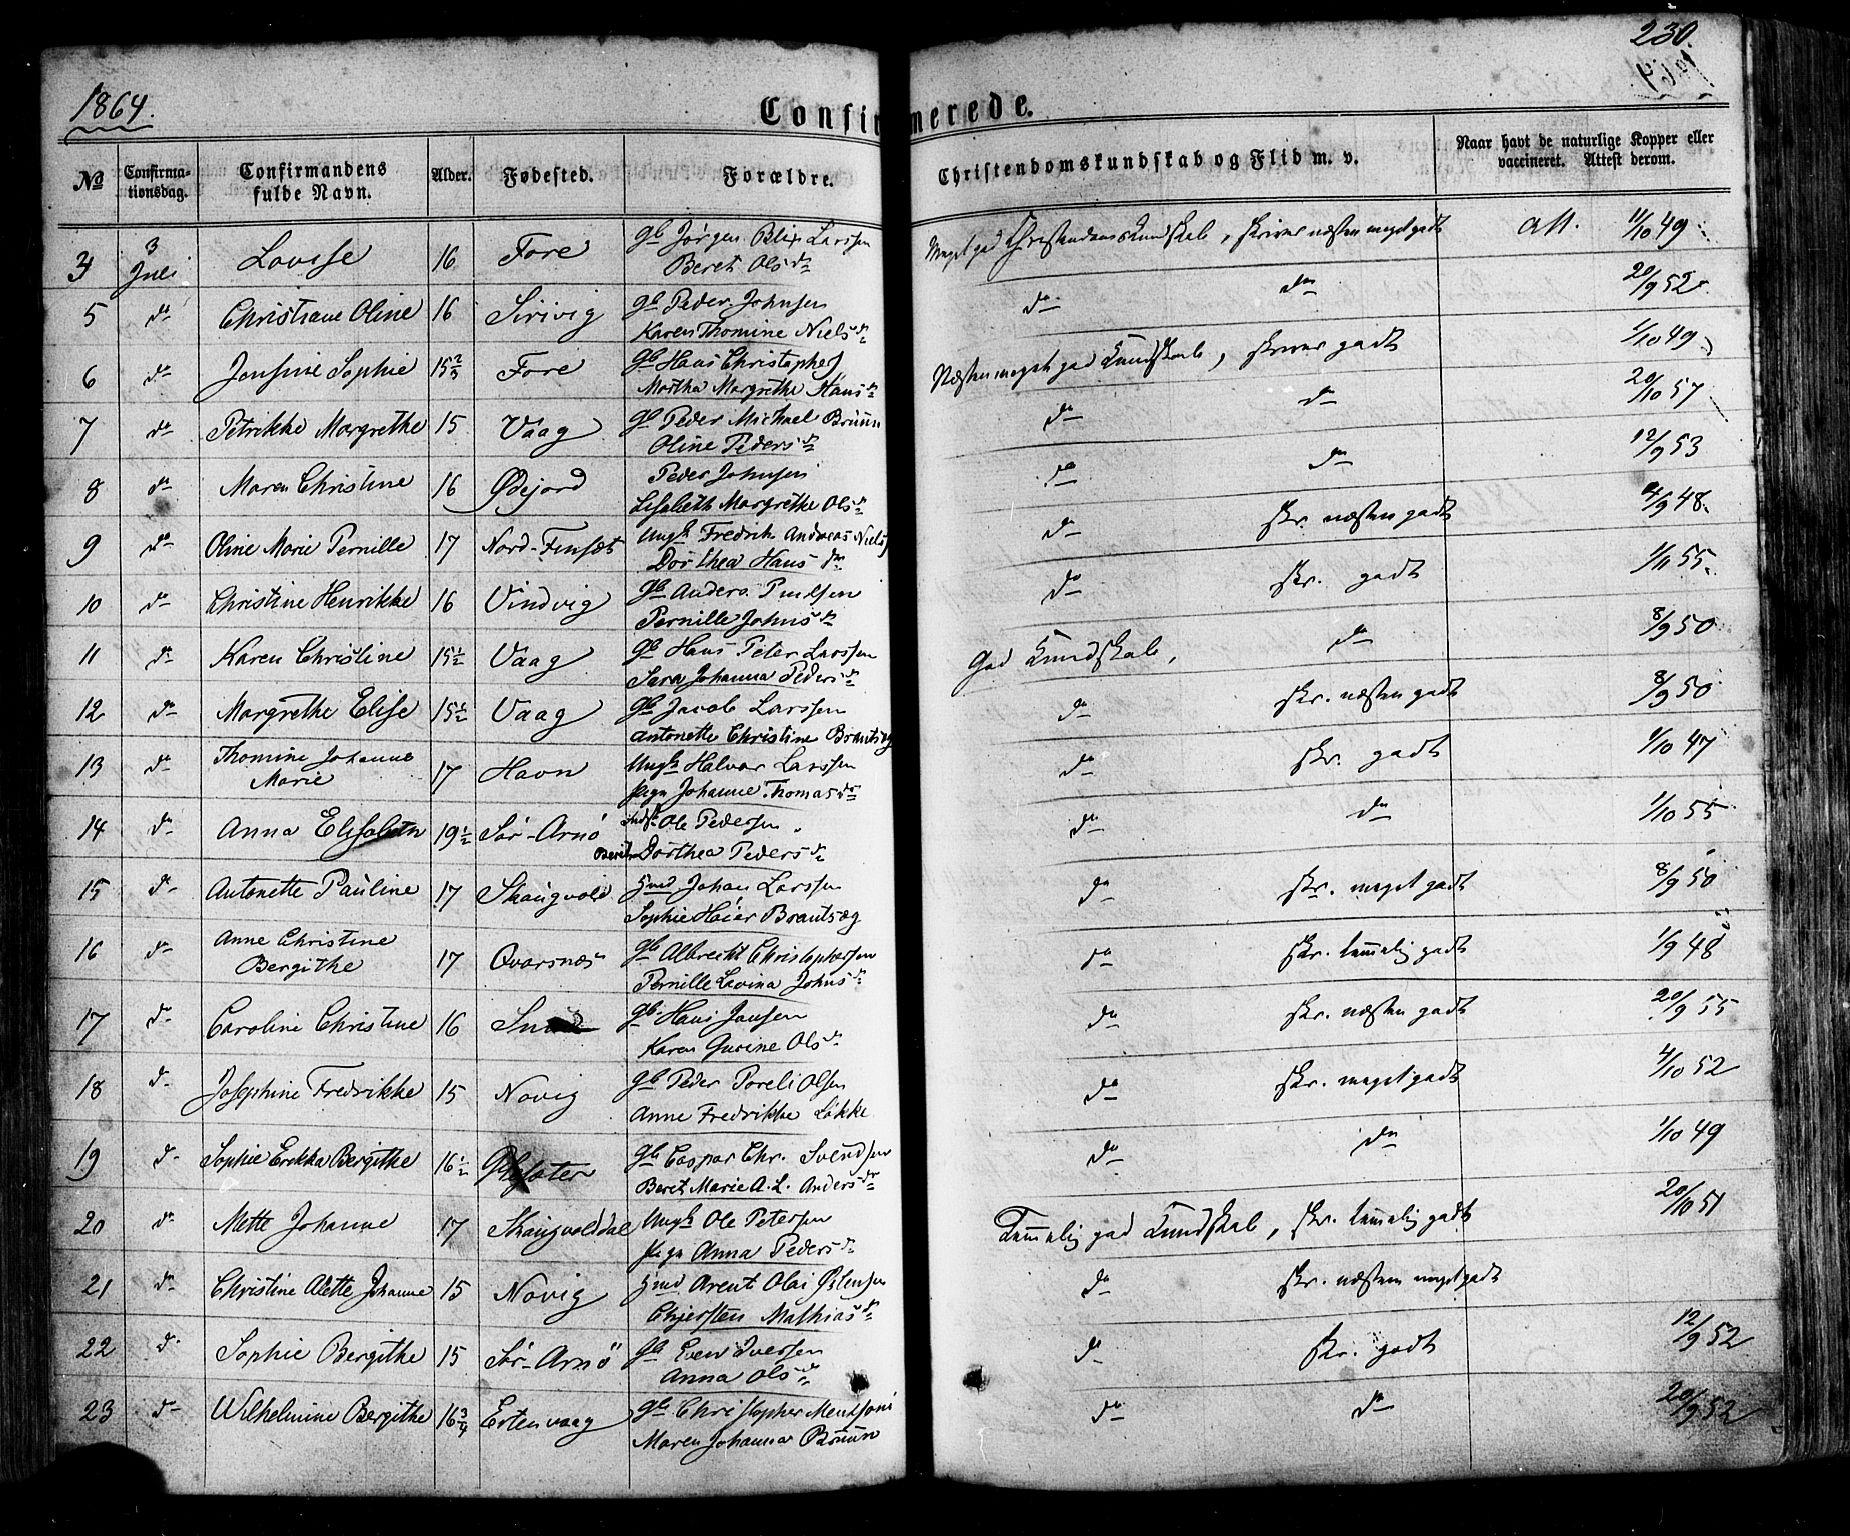 SAT, Ministerialprotokoller, klokkerbøker og fødselsregistre - Nordland, 805/L0098: Parish register (official) no. 805A05, 1862-1879, p. 230